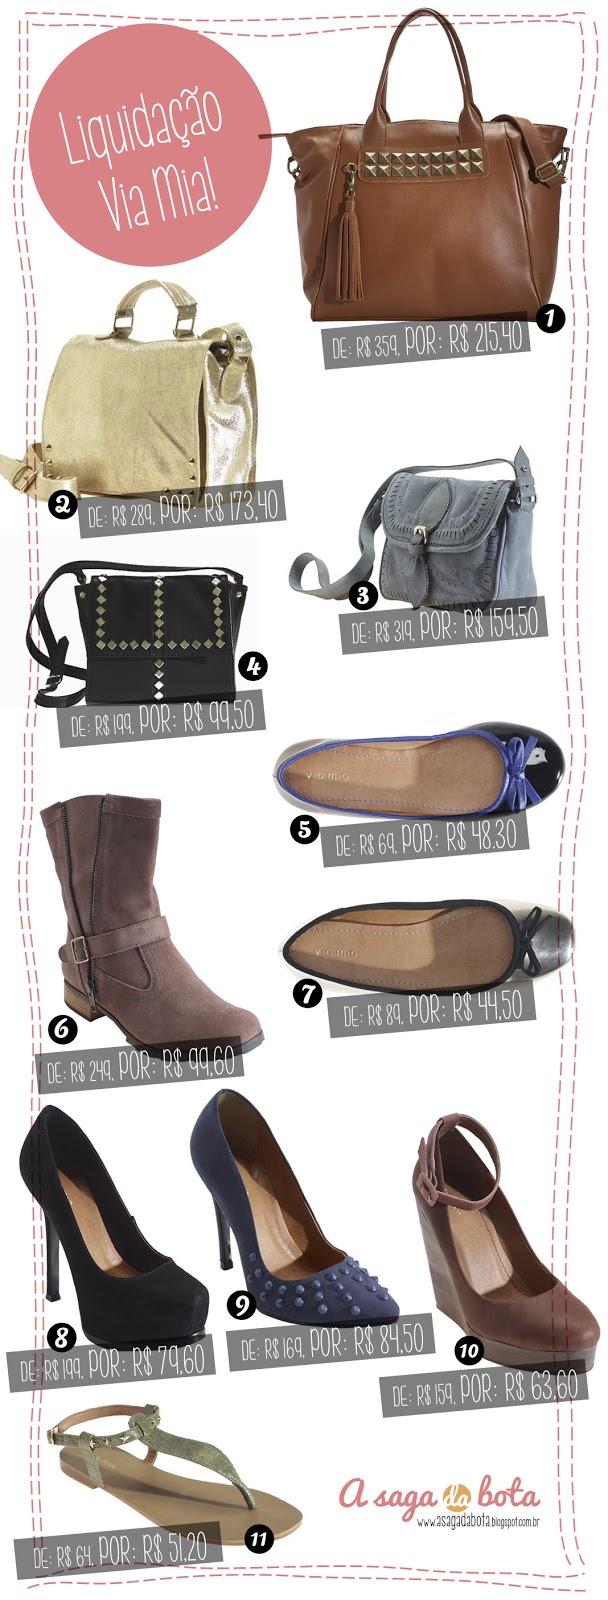 moda, promoção, preço baixo, oportunidade, economia, saldão, estilo, sapatos, calçados, bolsas, couro, inverno, 2013